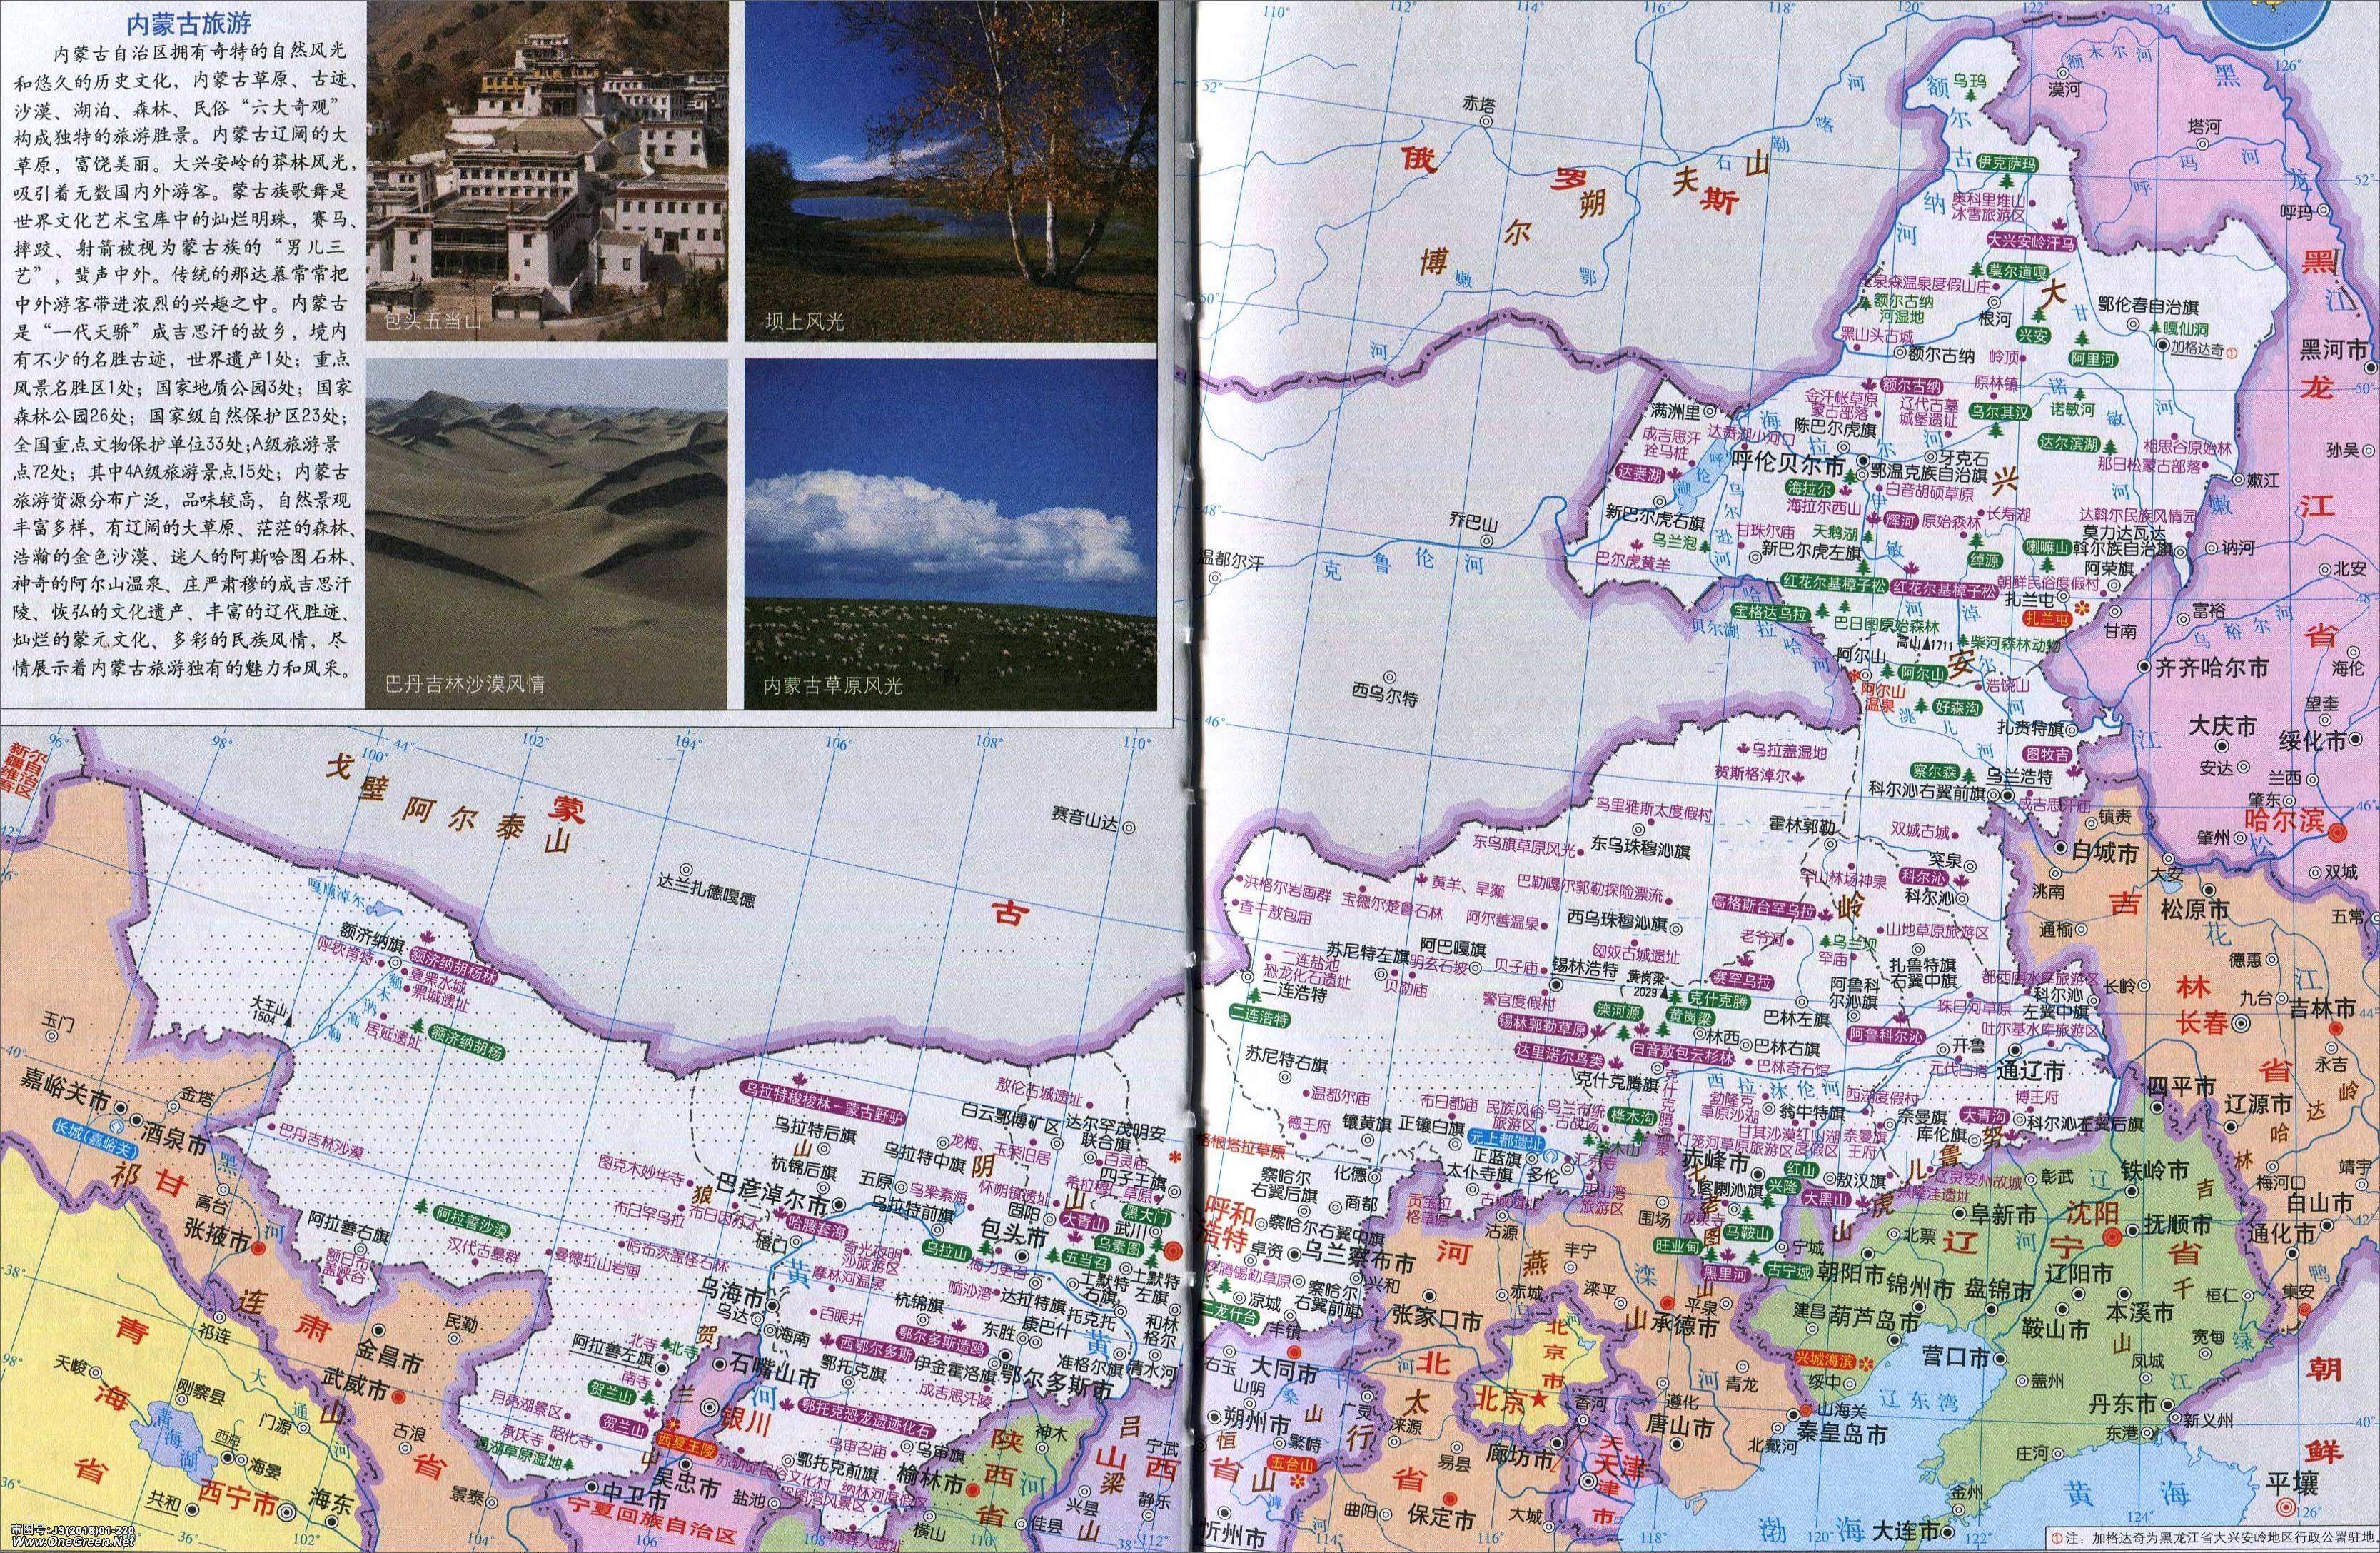 > 内蒙古地图